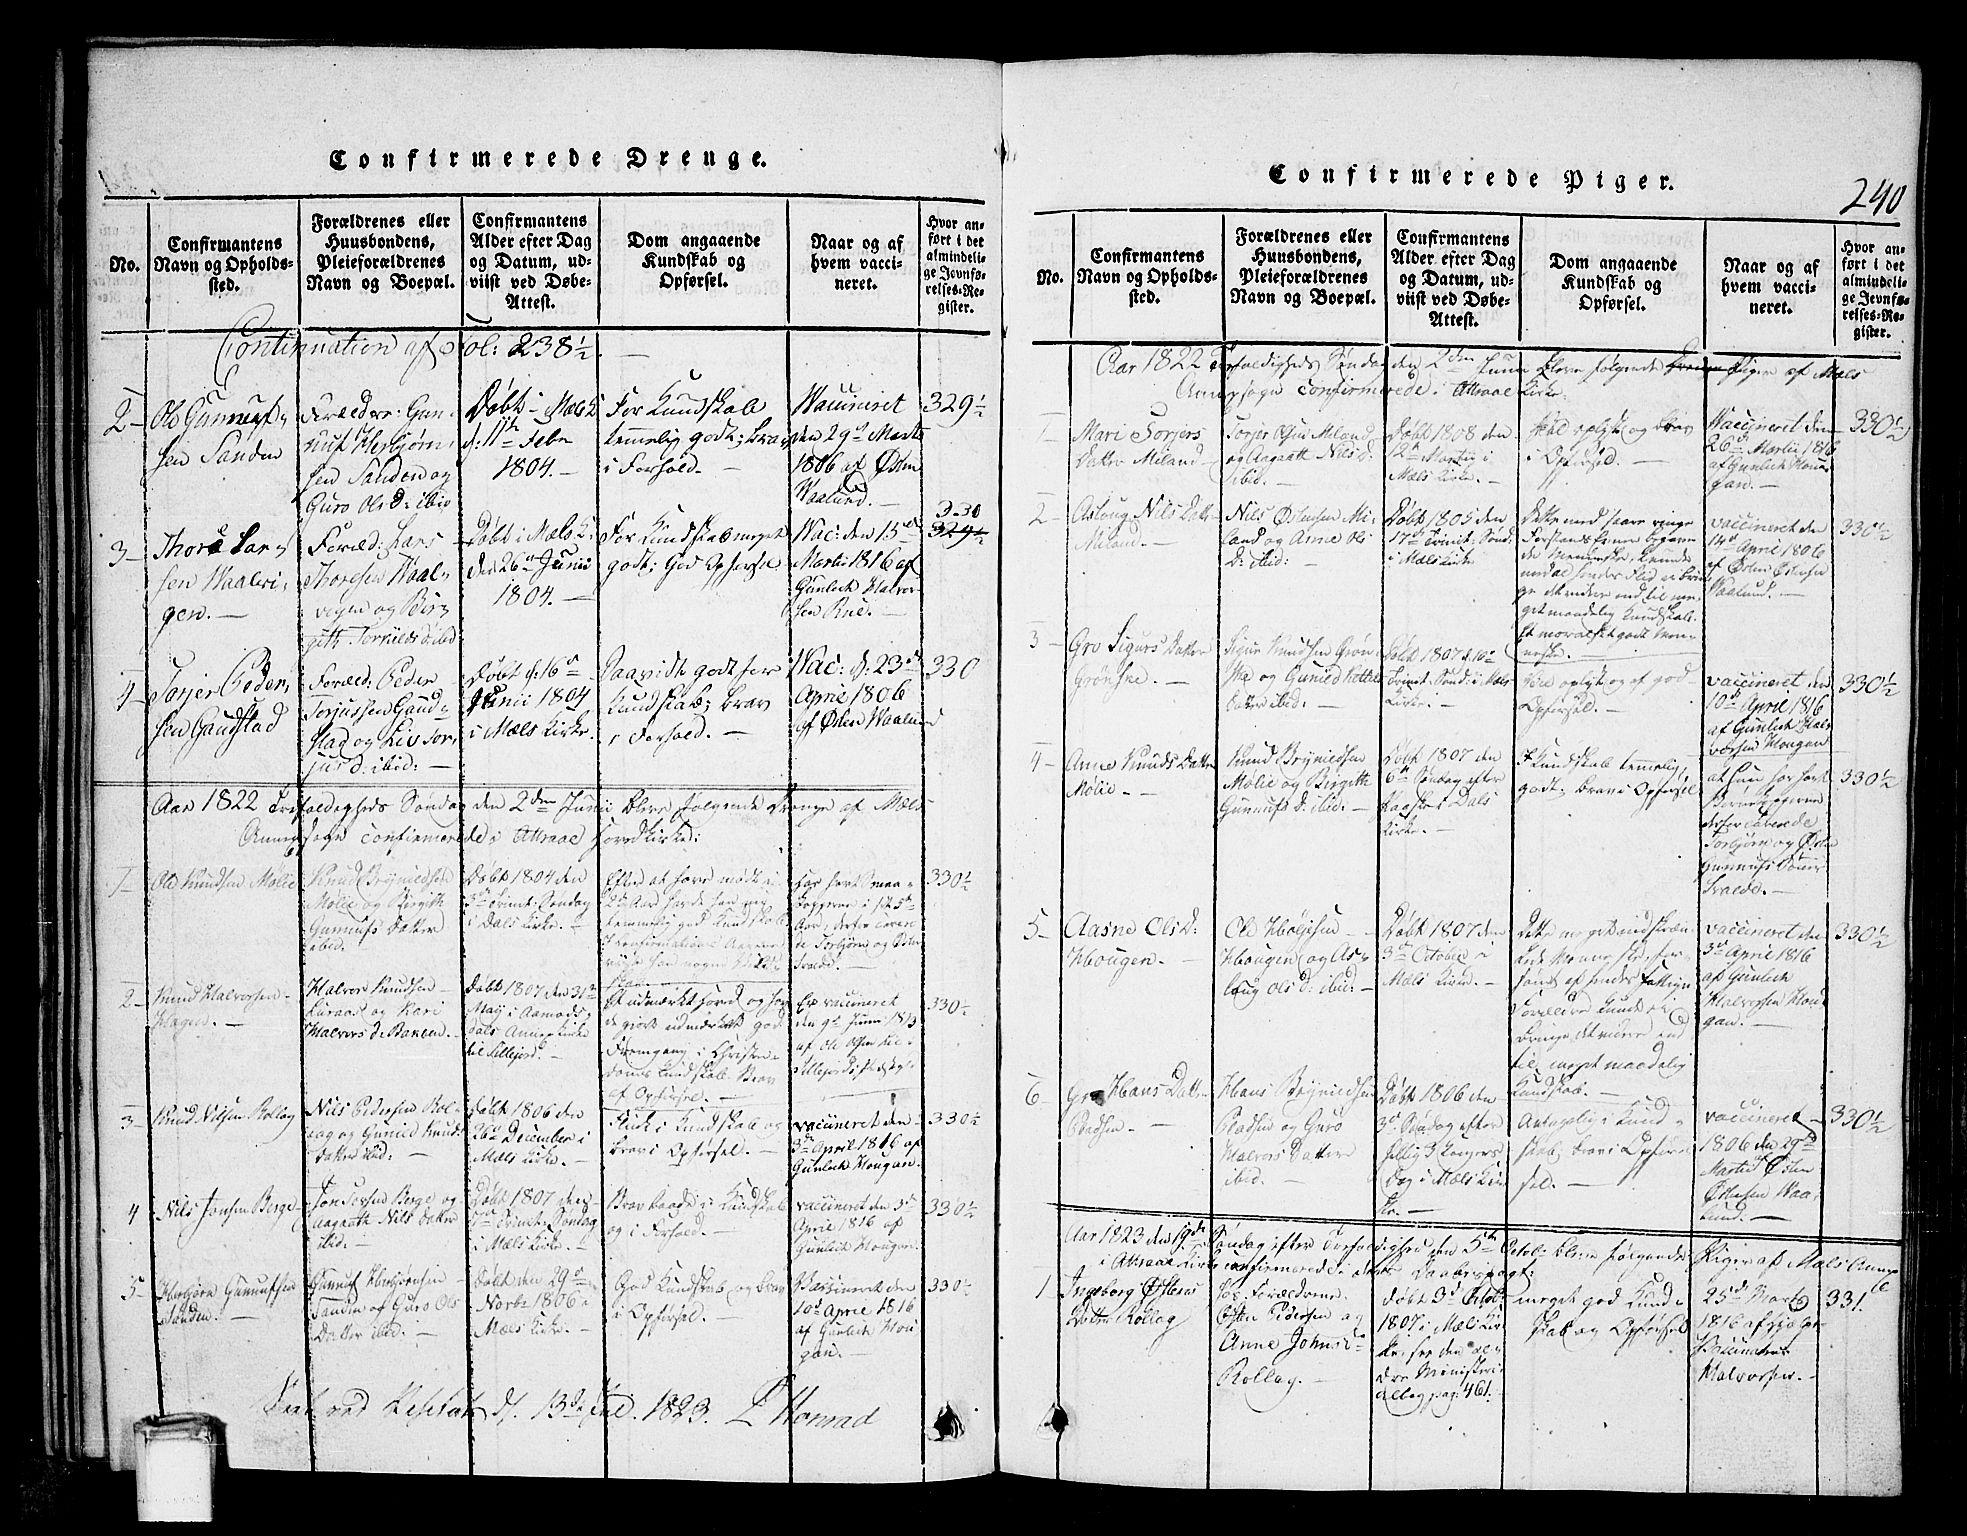 SAKO, Tinn kirkebøker, G/Gb/L0001: Klokkerbok nr. II 1 /1, 1815-1850, s. 240